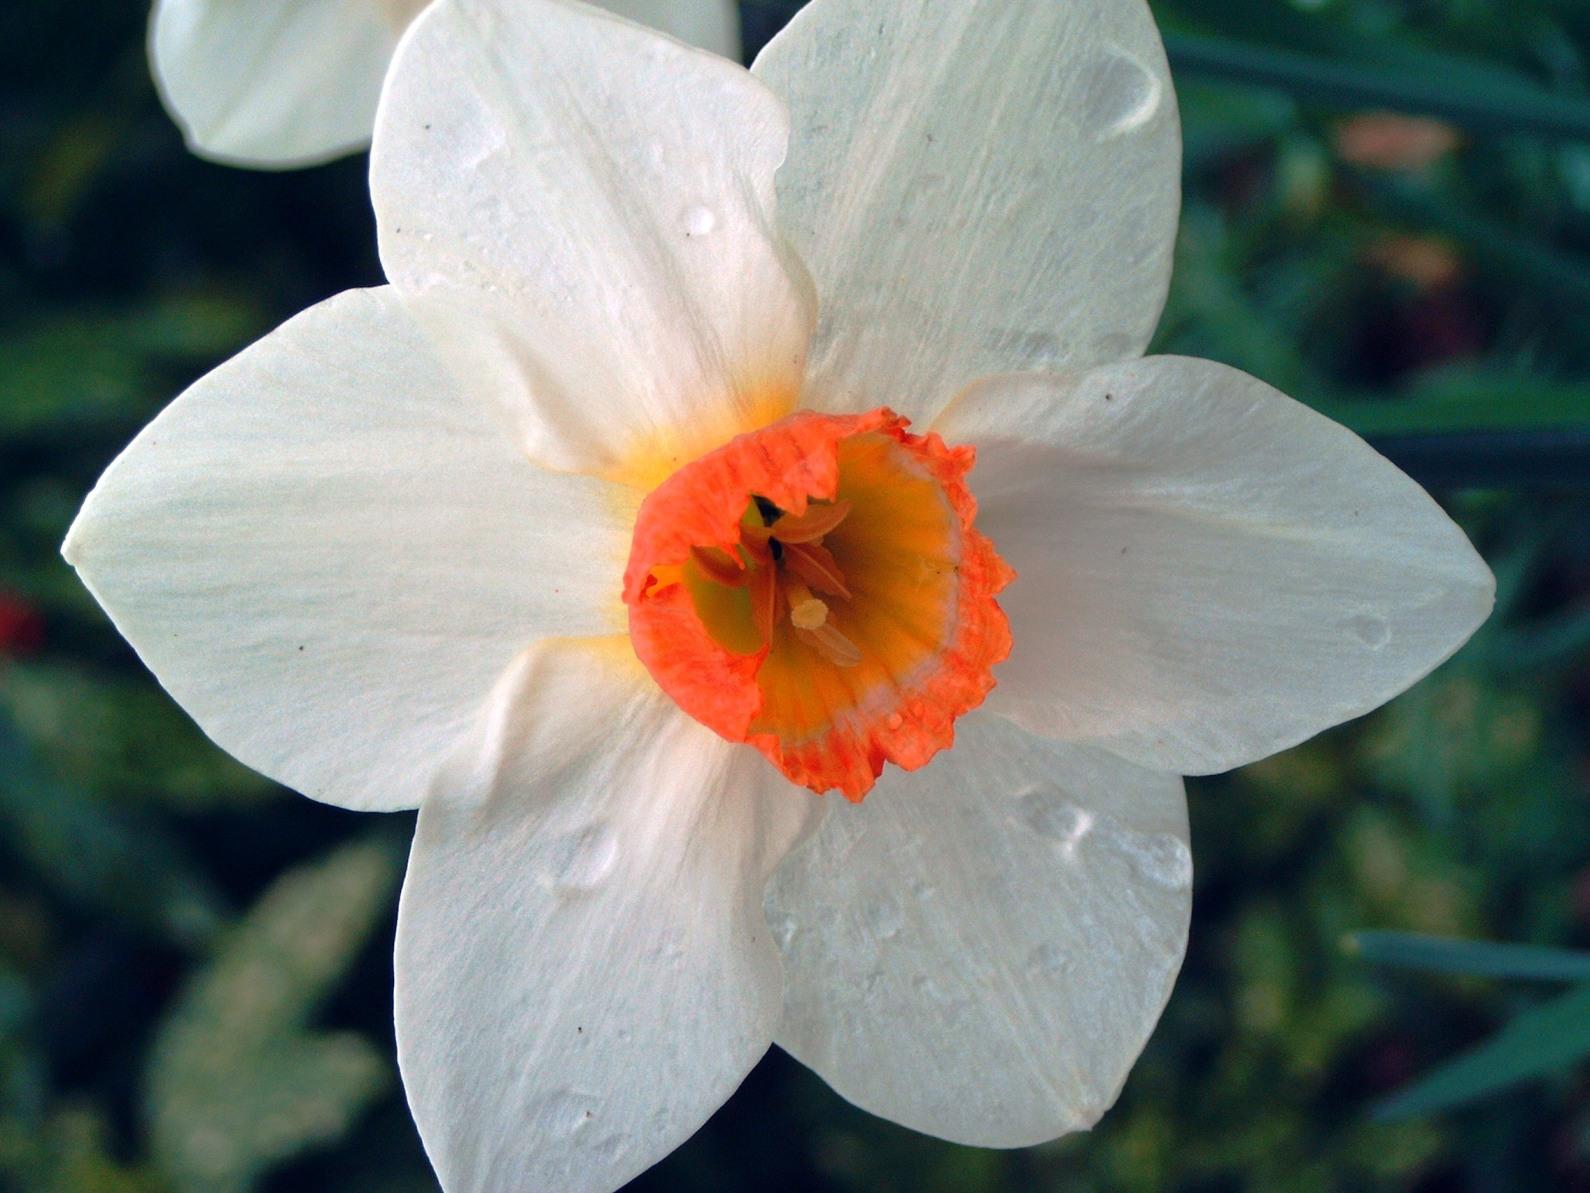 Nos amies les fleurs (Symbolisme) - Page 11 Narcisse%20des%20poetes%201